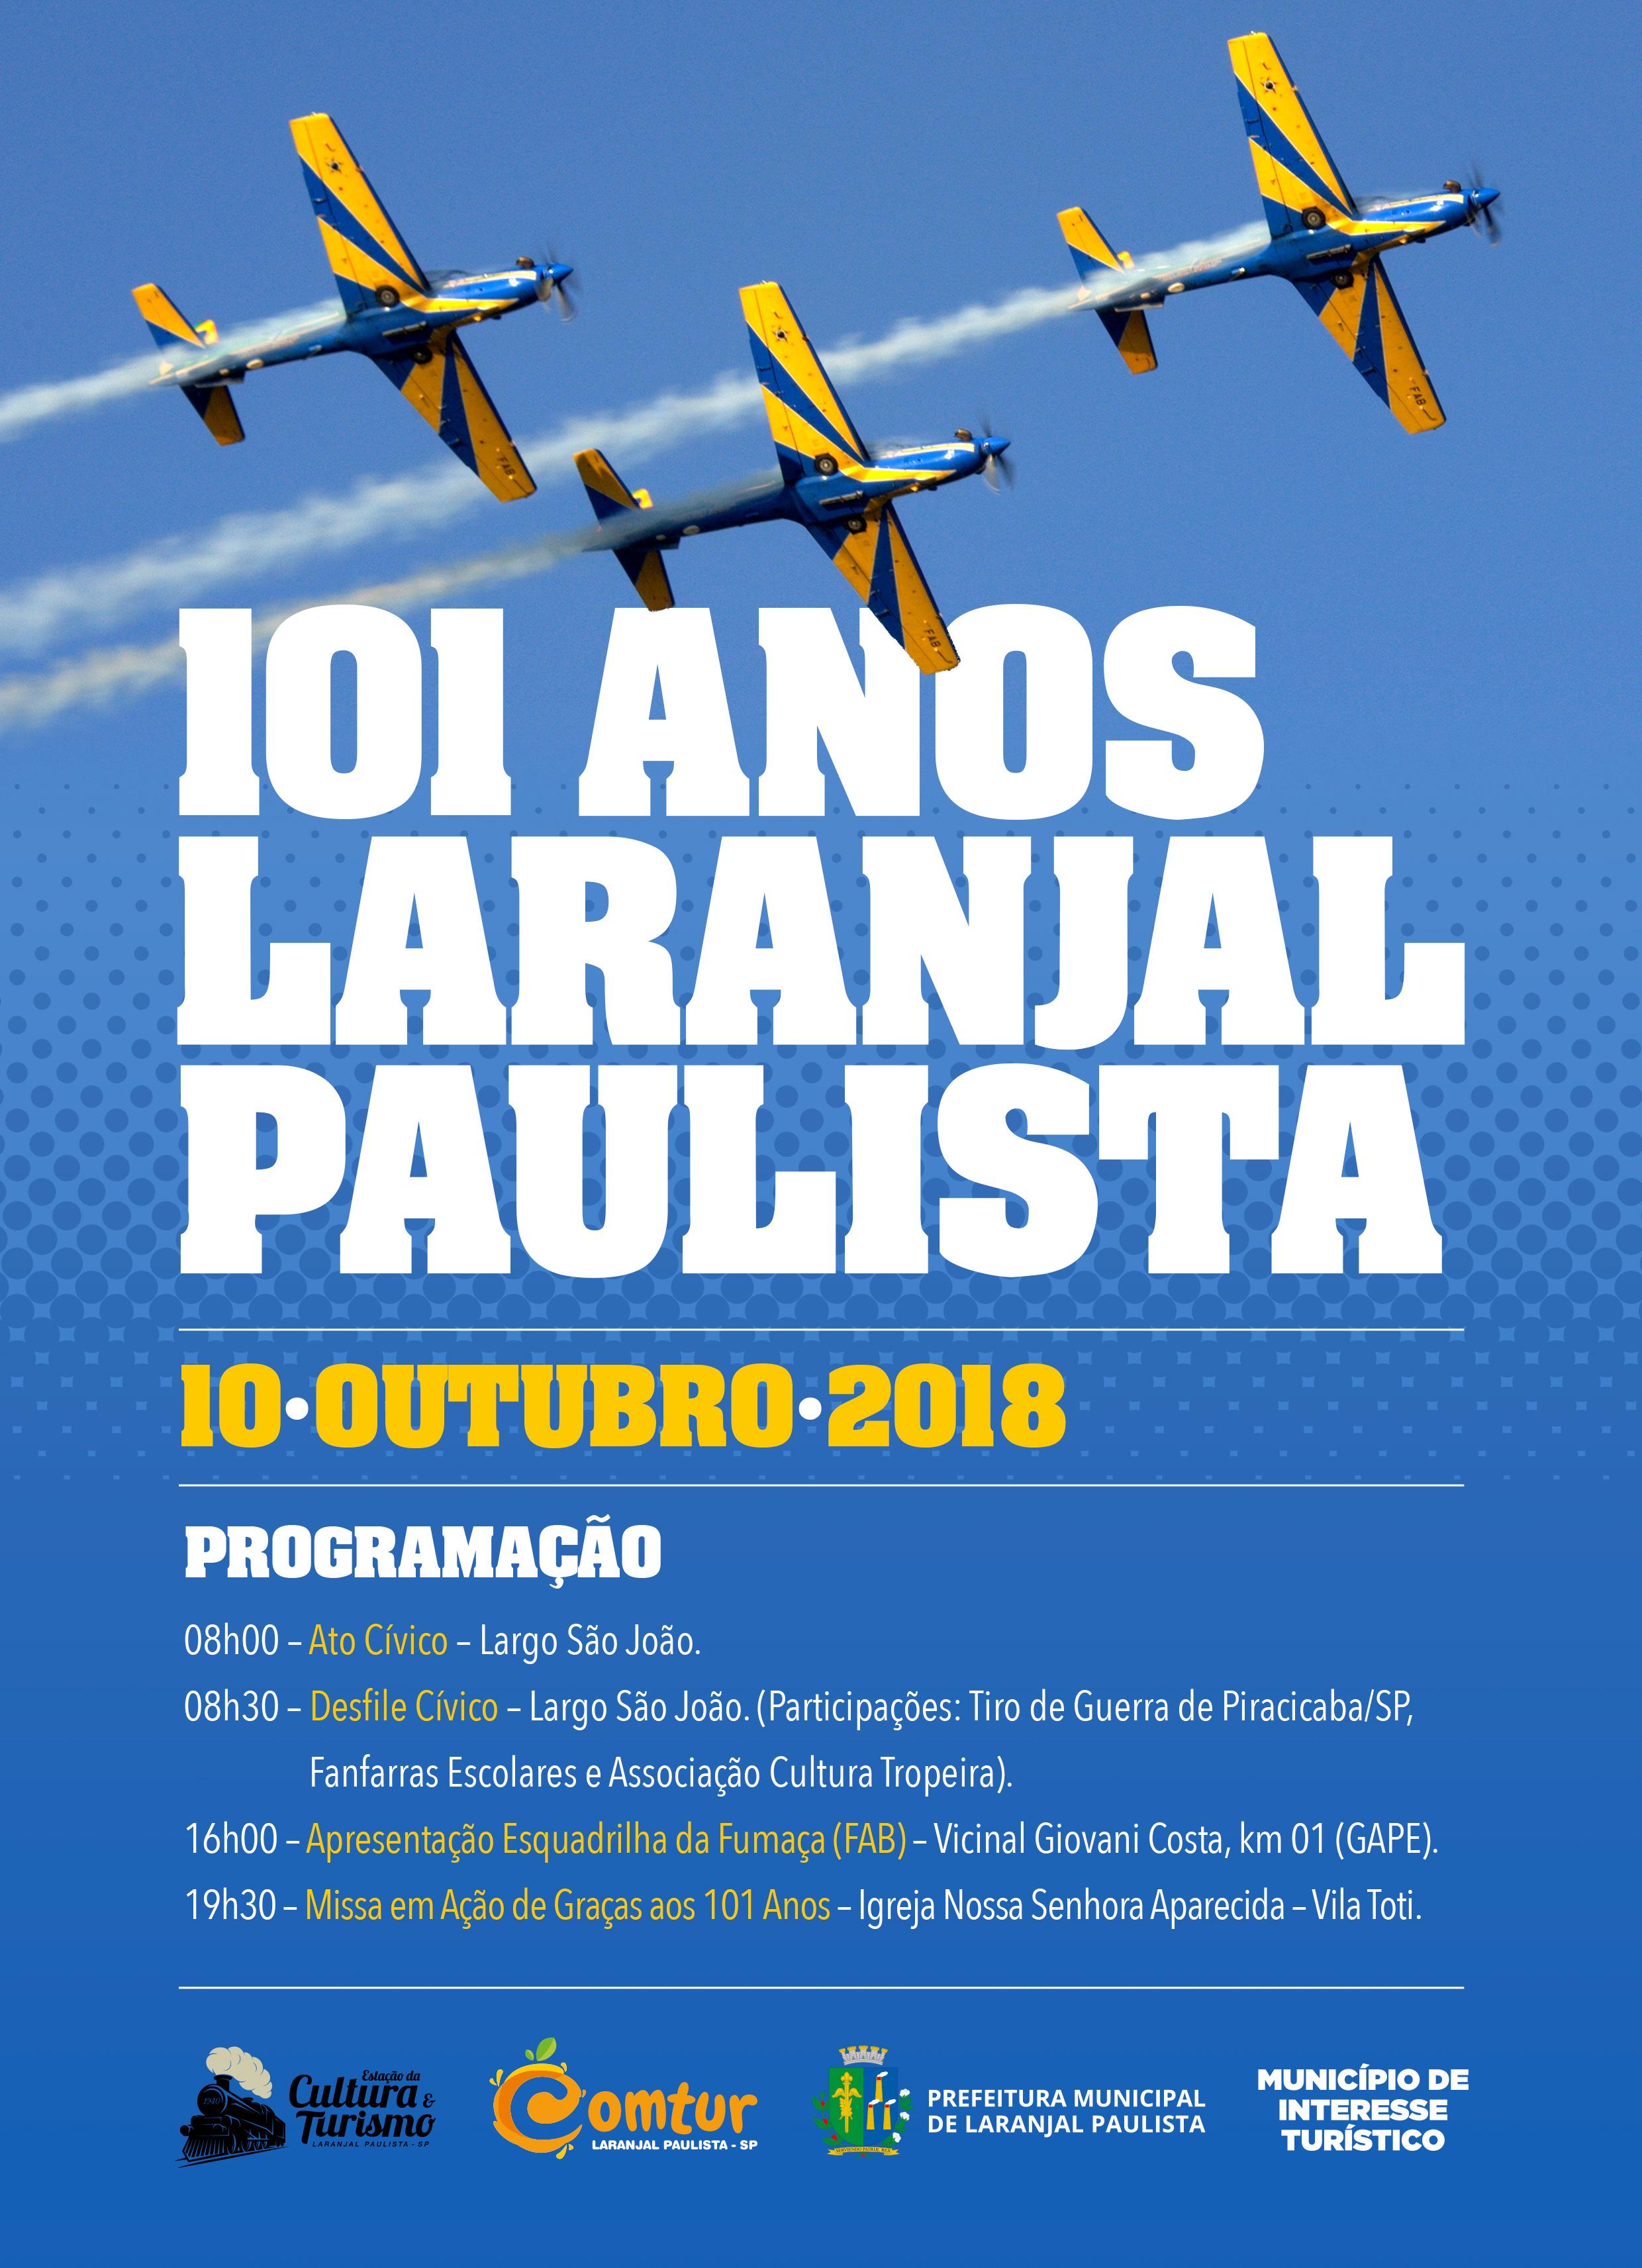 Programação em comemoração ao Aniversário de Laranjal Paulista